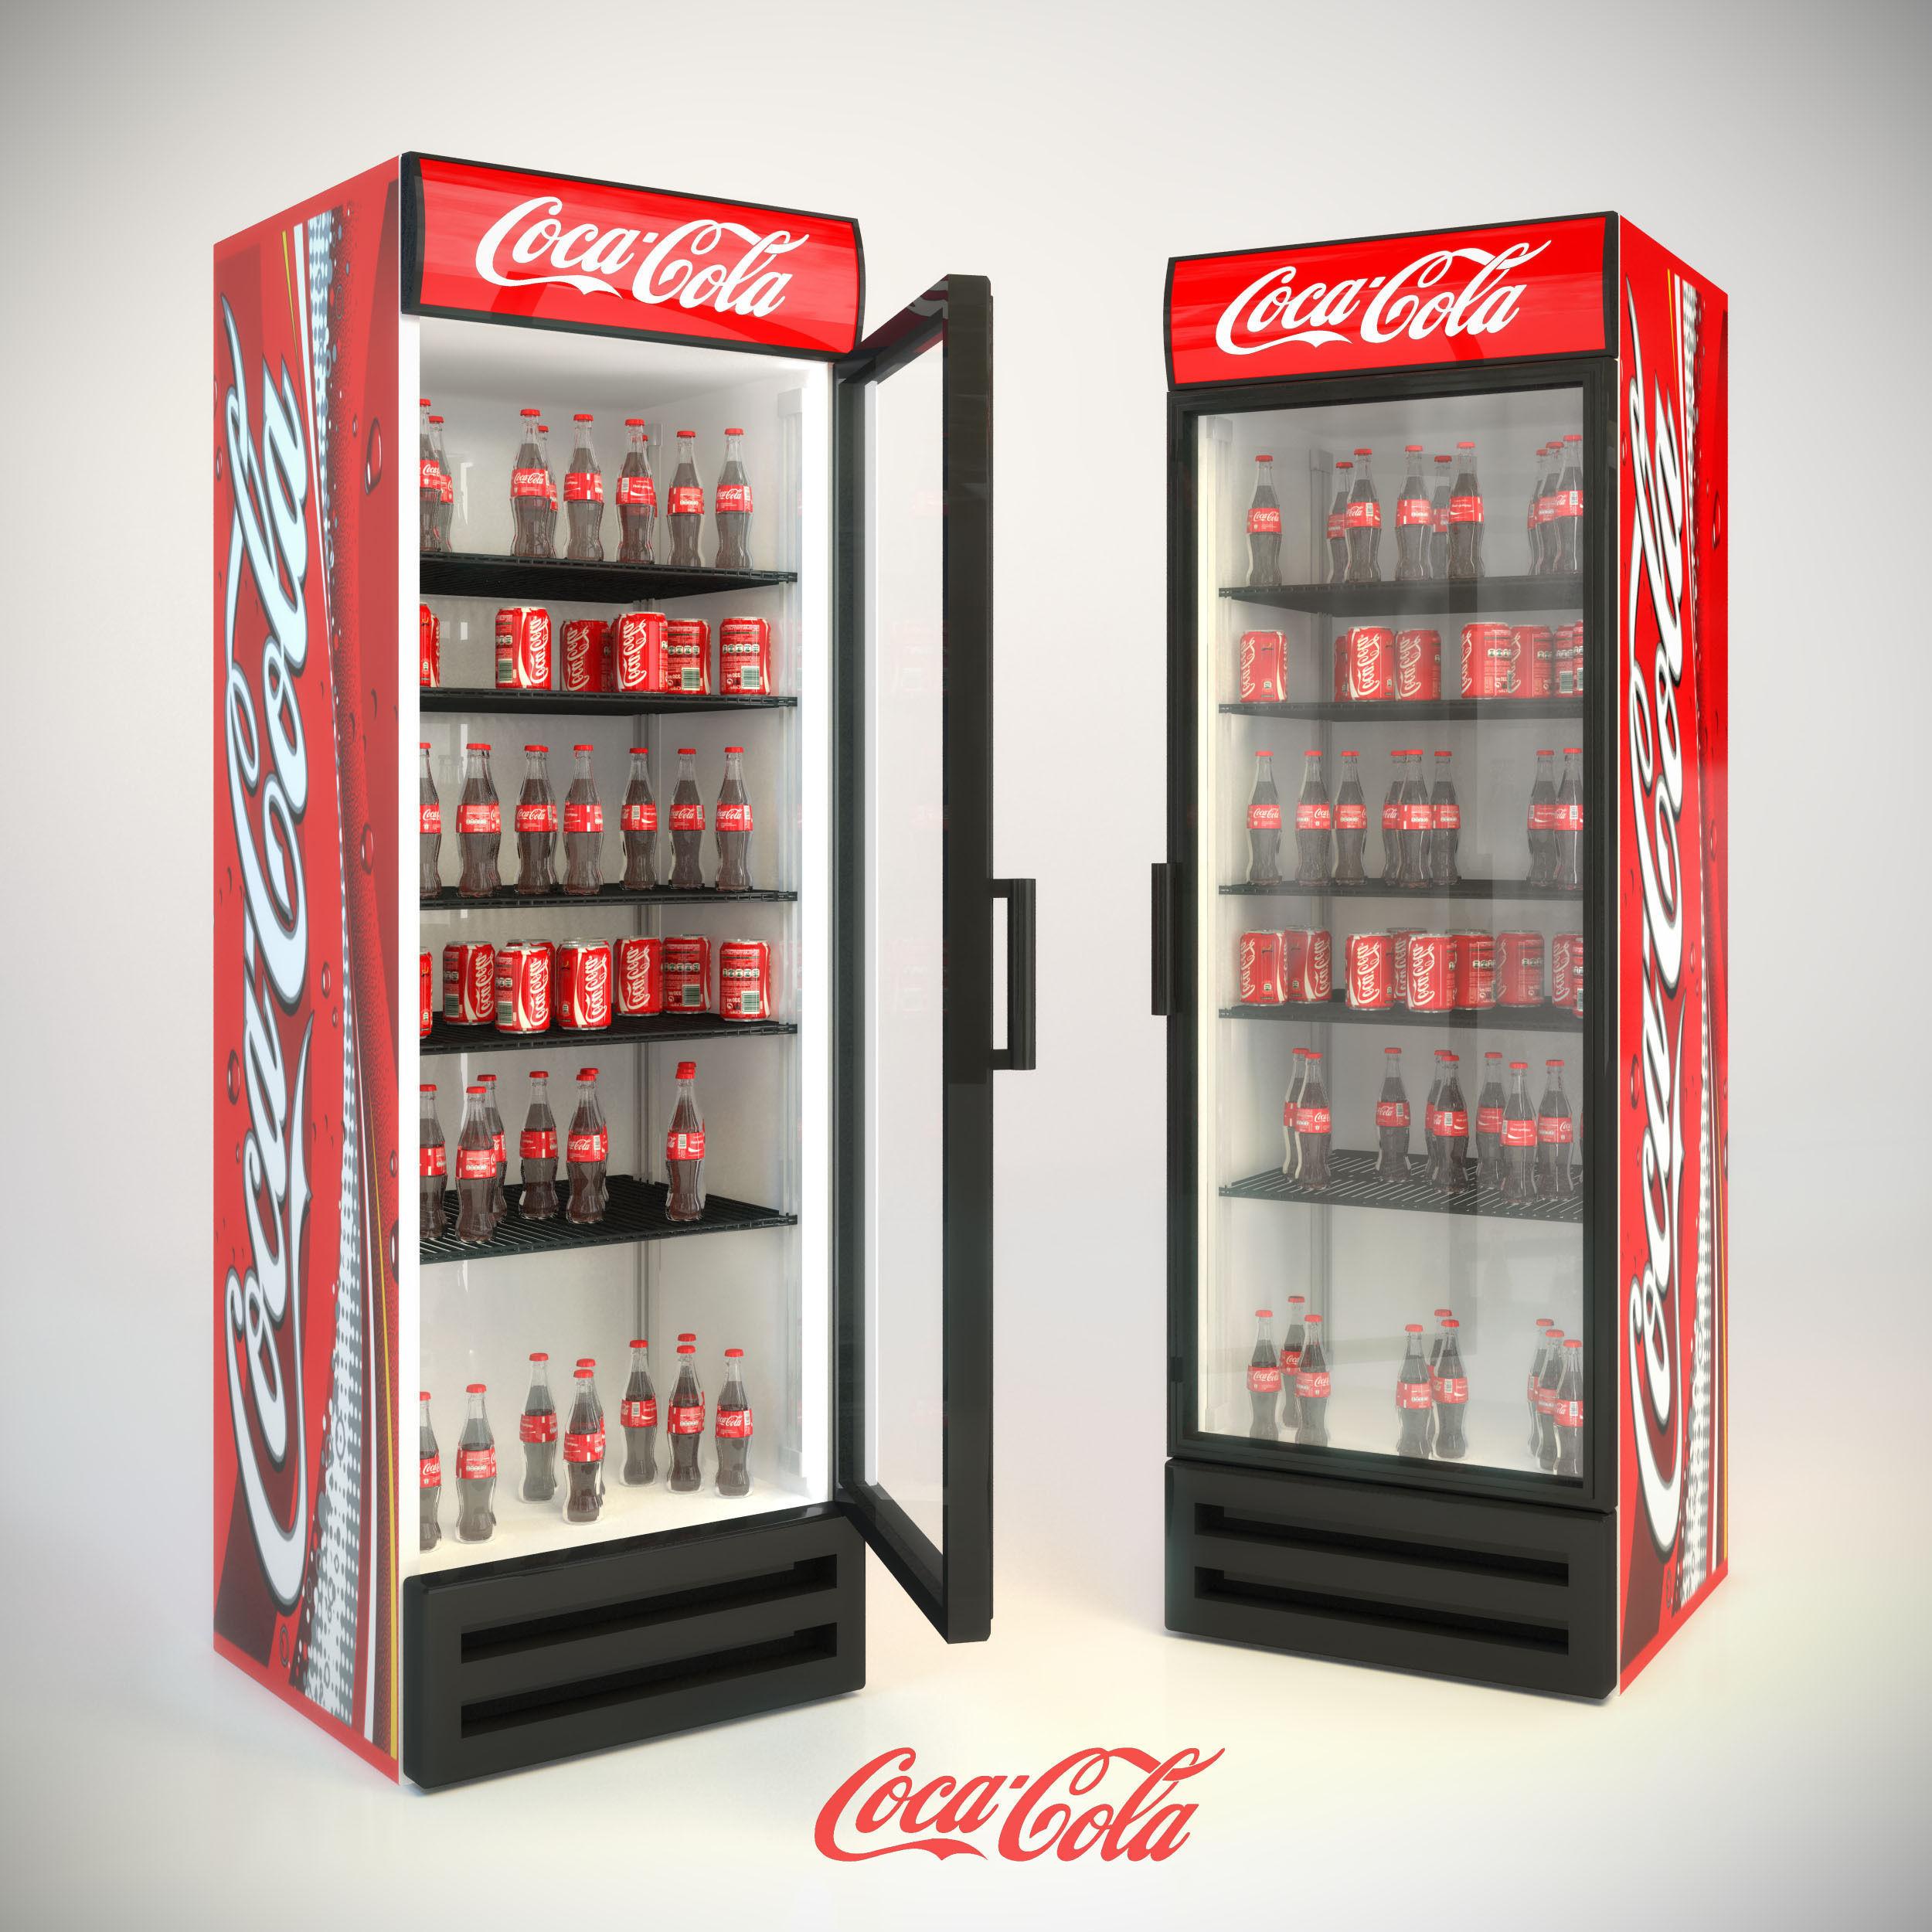 refrigerator coca-cola 3D Model MAX - CGTrader.com